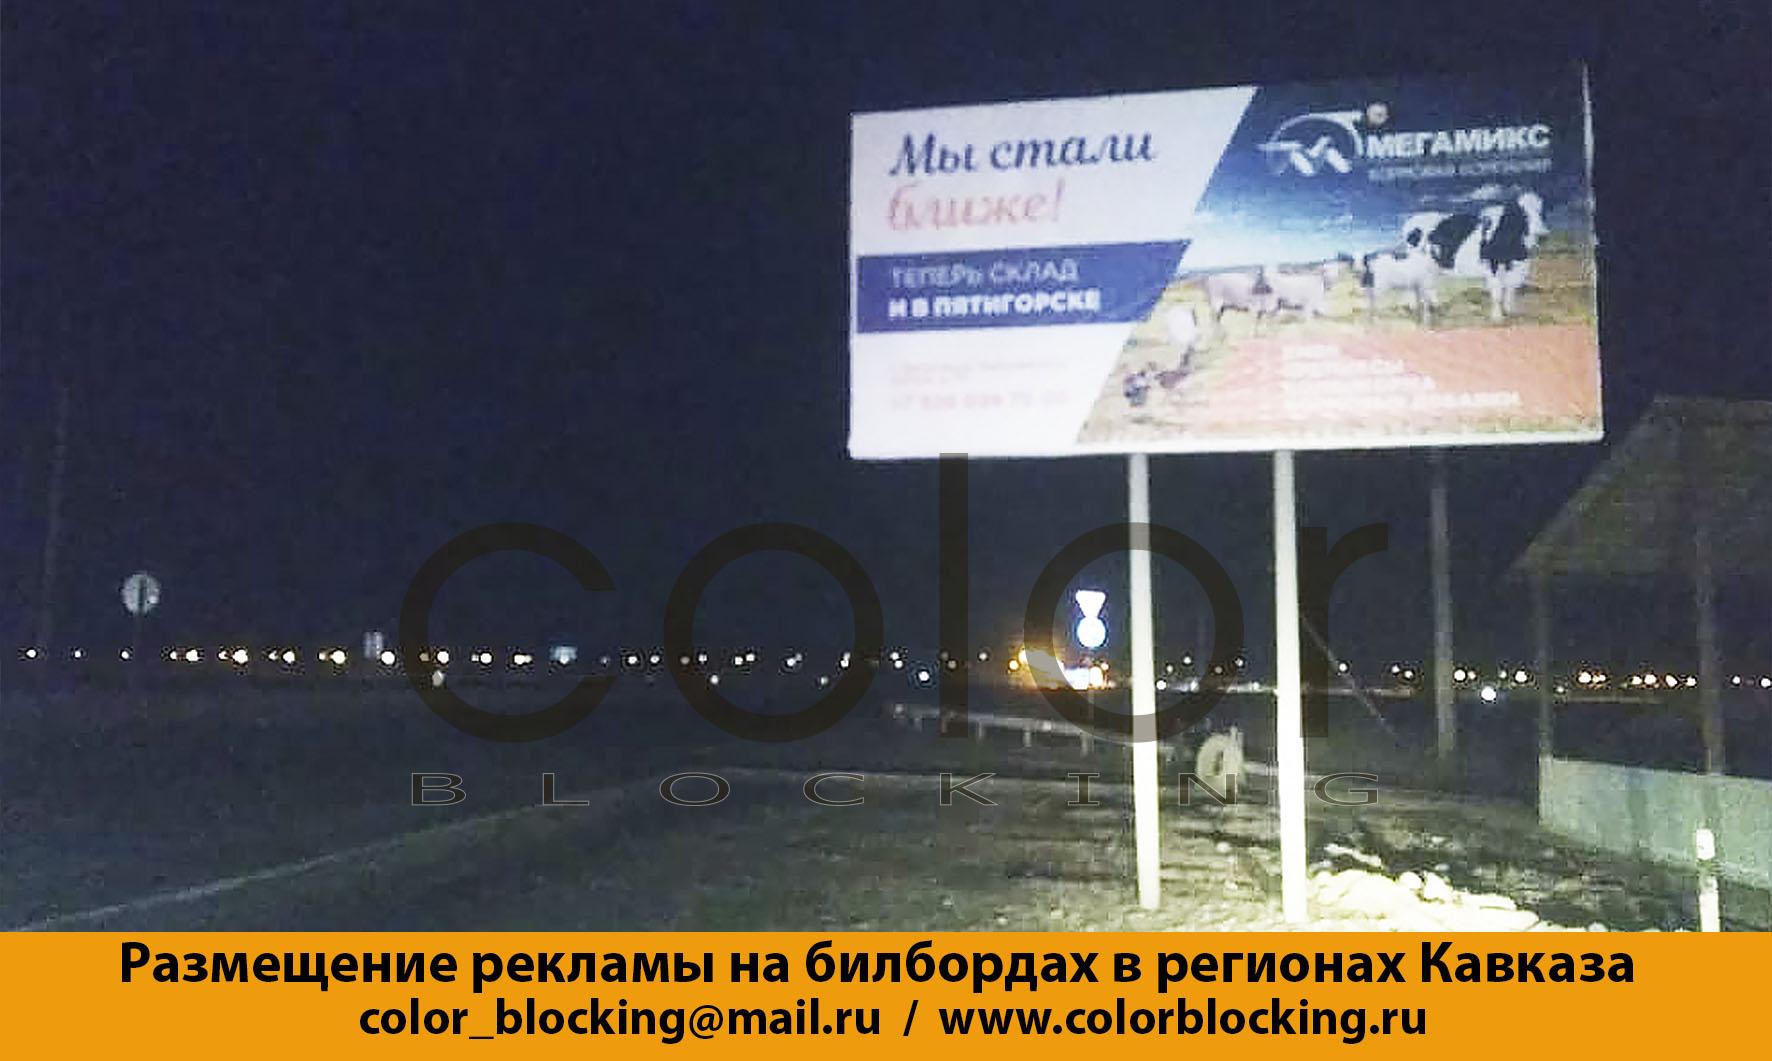 Реклама на билбордах на Кавказе Ингушетия